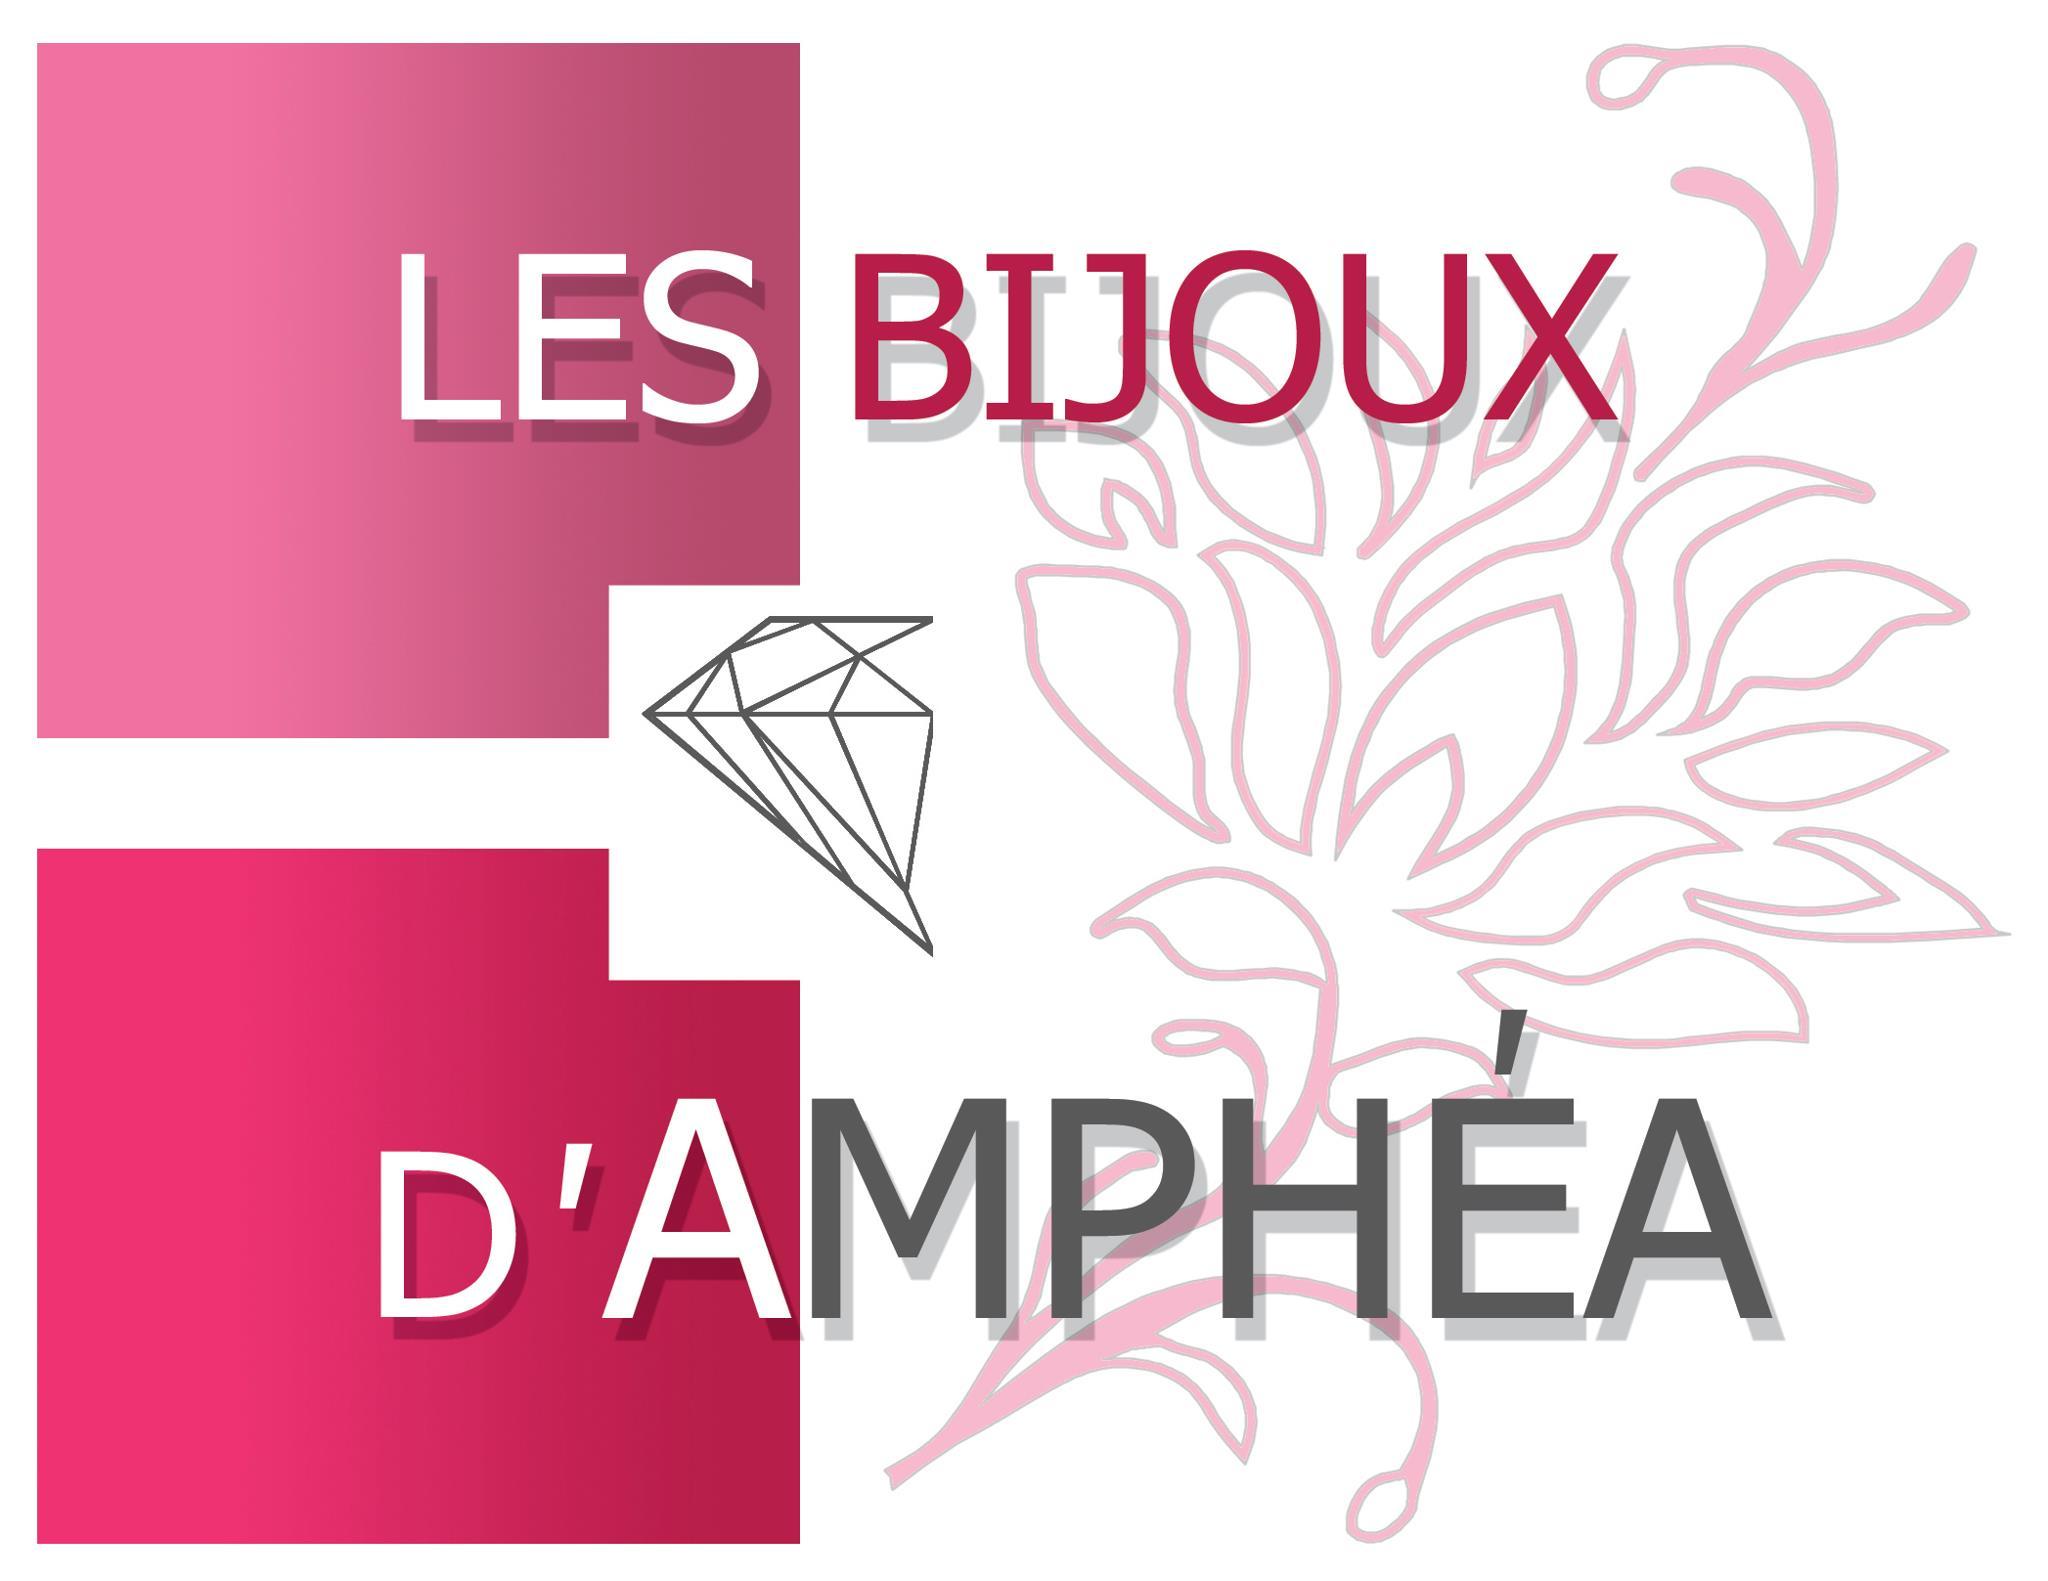 Les bijoux d'Amphéa